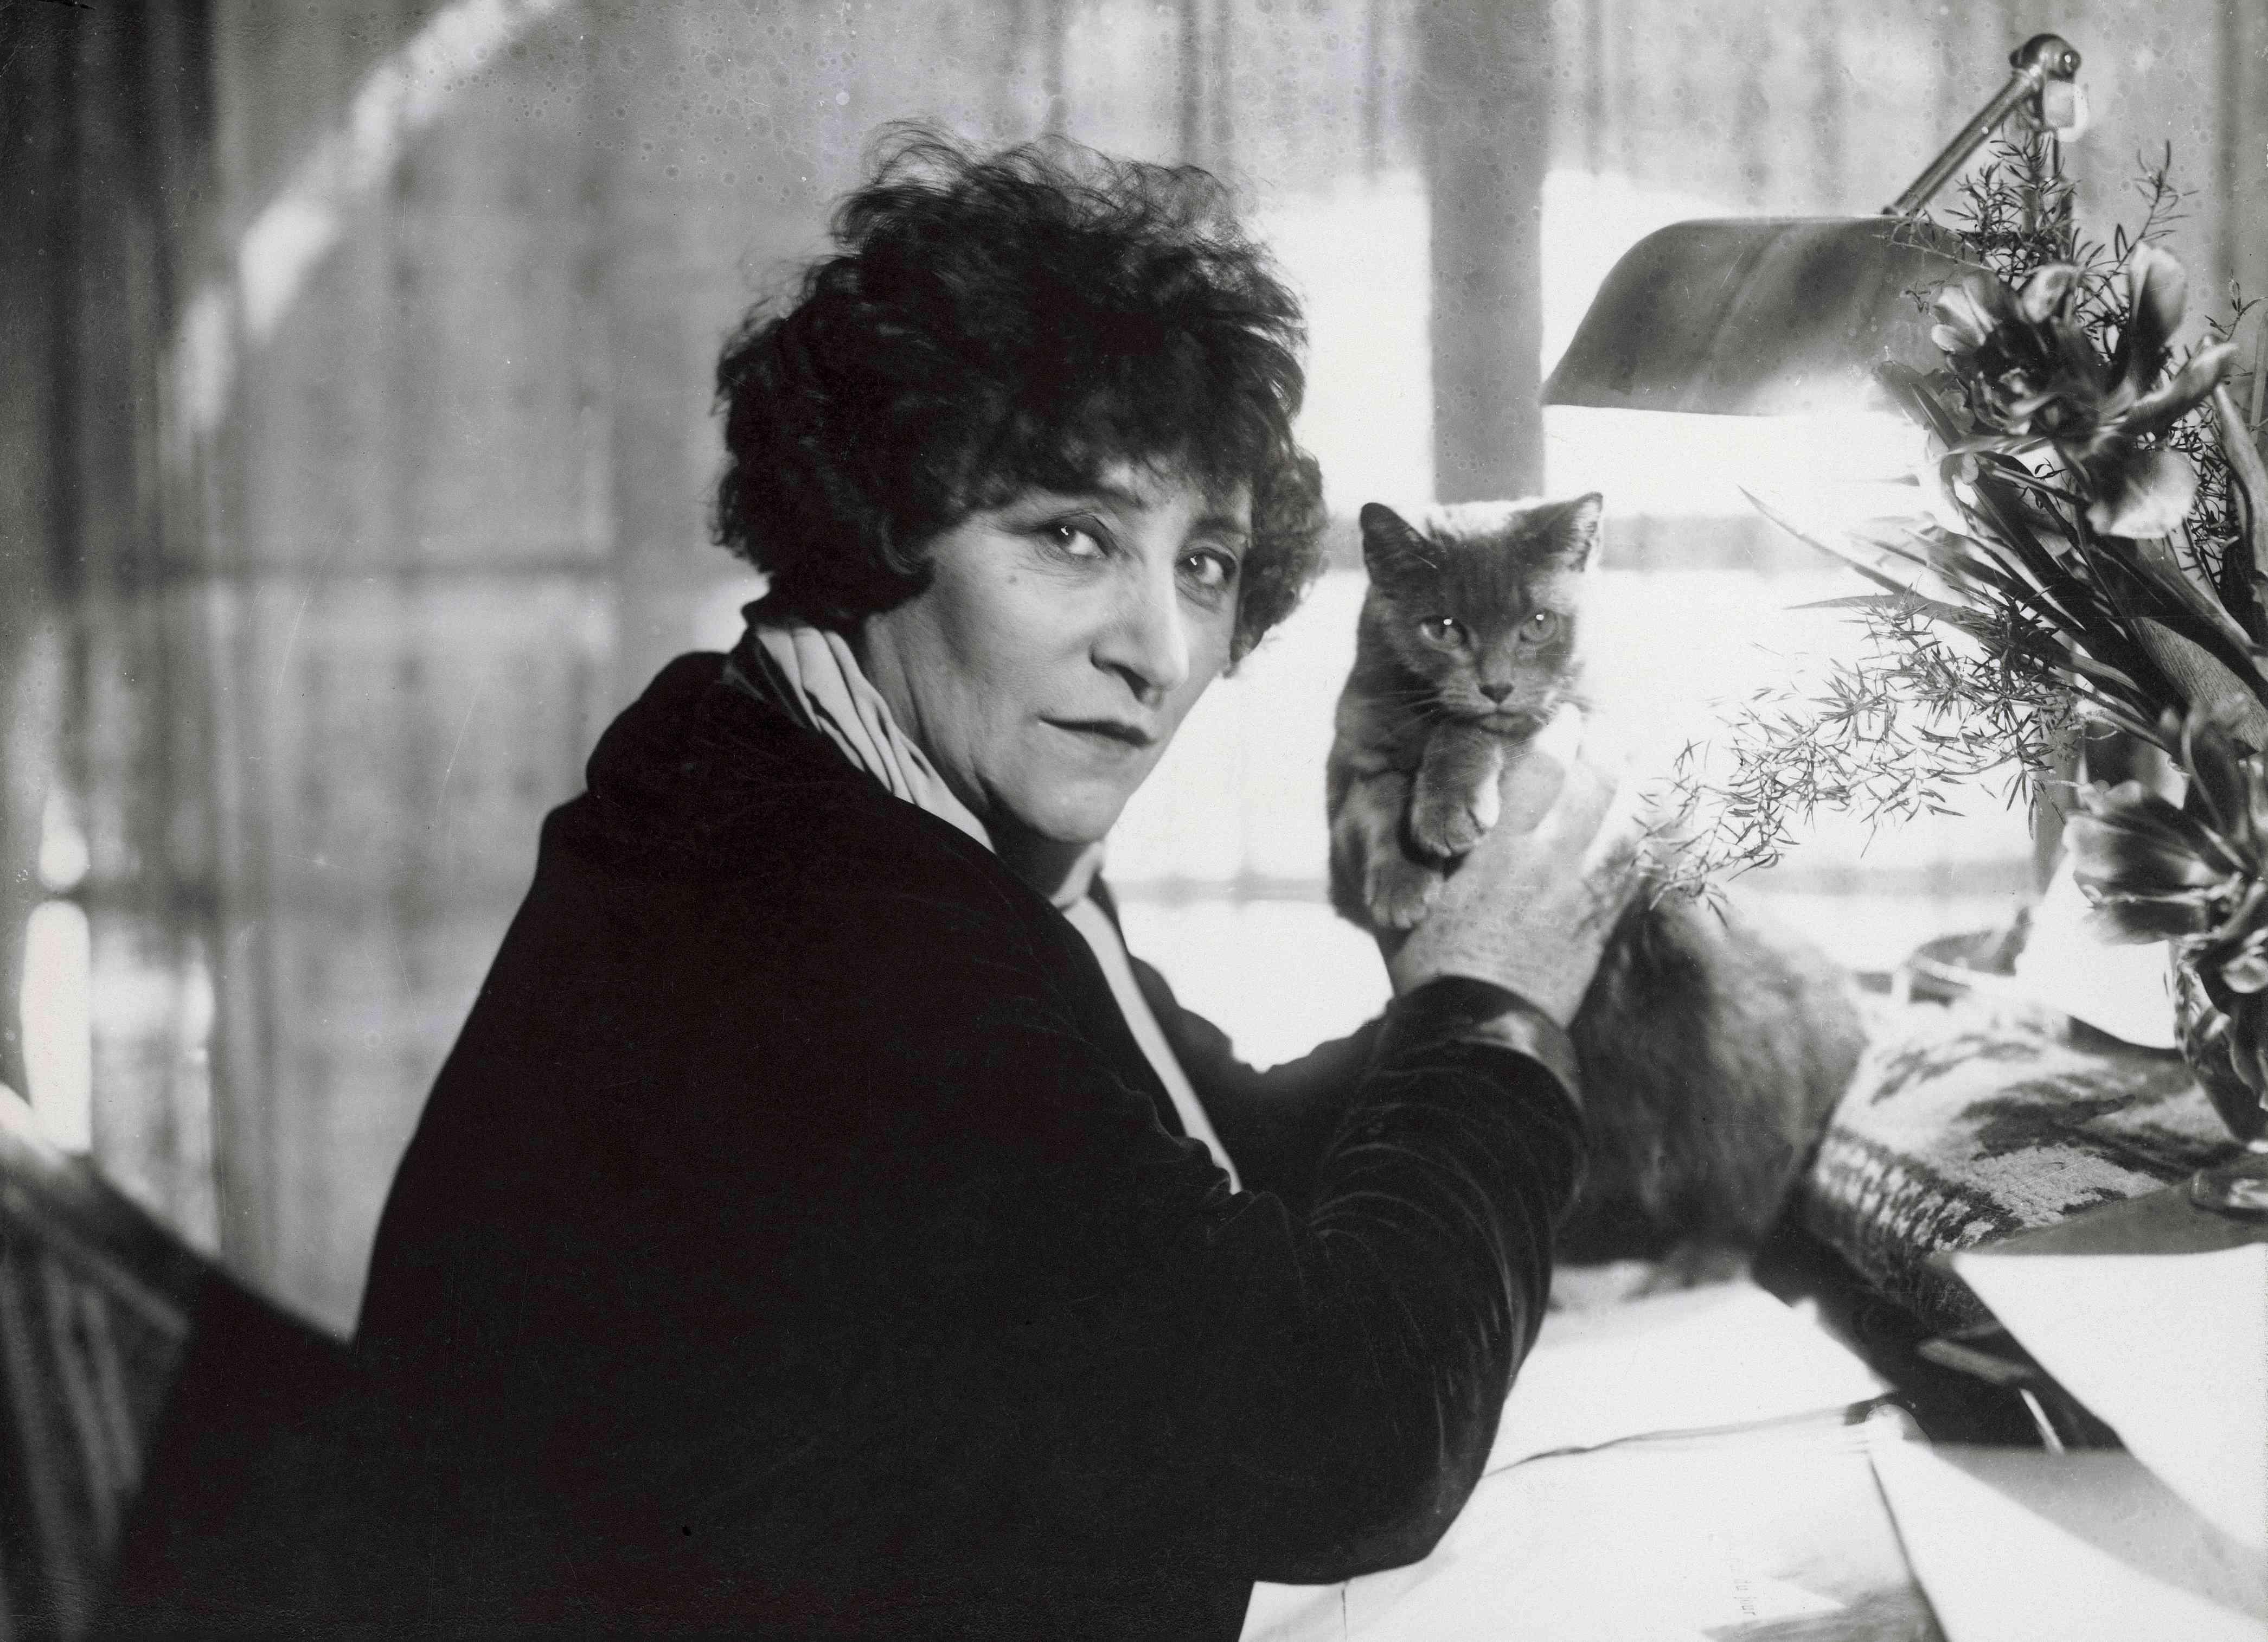 Colette en su escritorio, sosteniendo un gato y mirando a la cámara